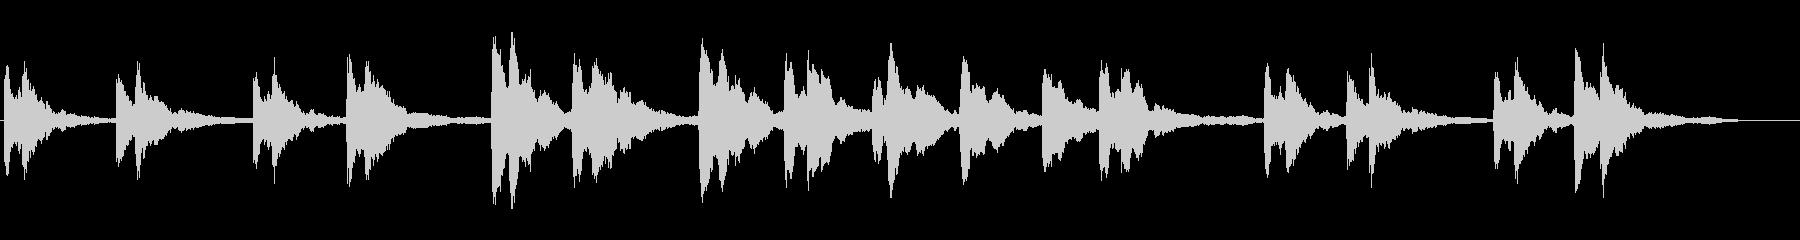 シンプルなピアノソロの未再生の波形